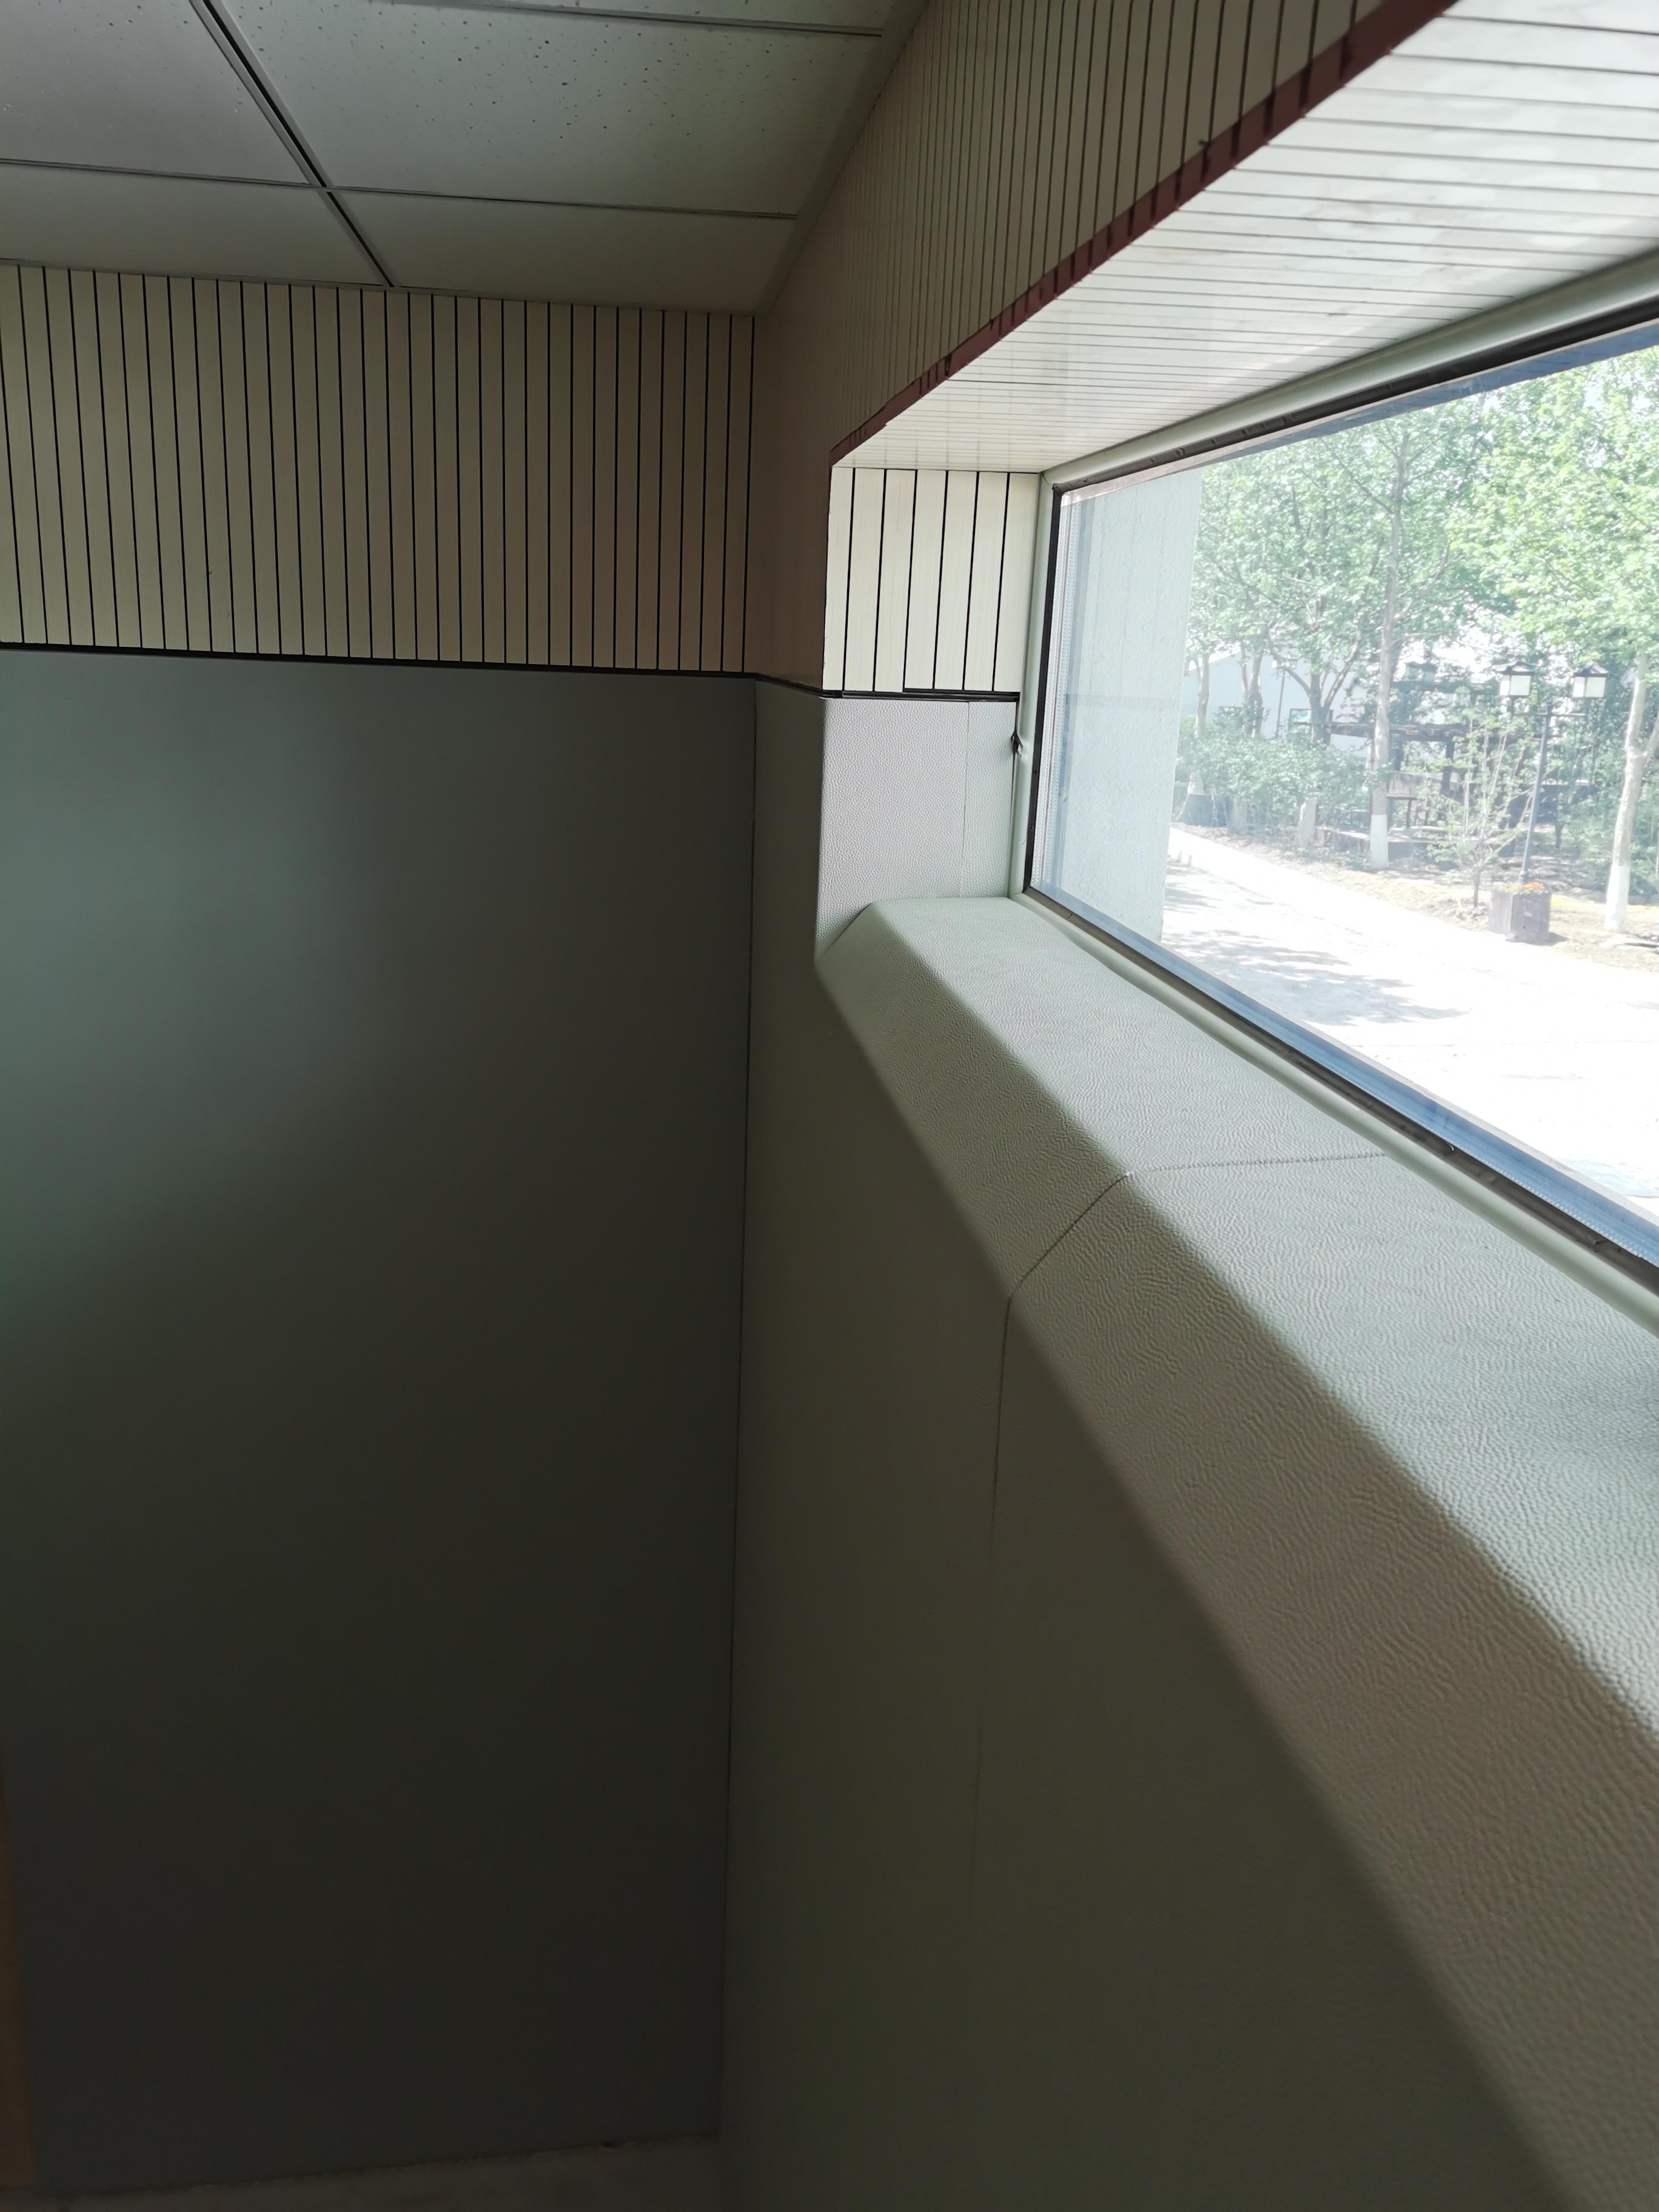 吉林询问室墙面软包 羁押室防撞软包 广东软包厂家定制